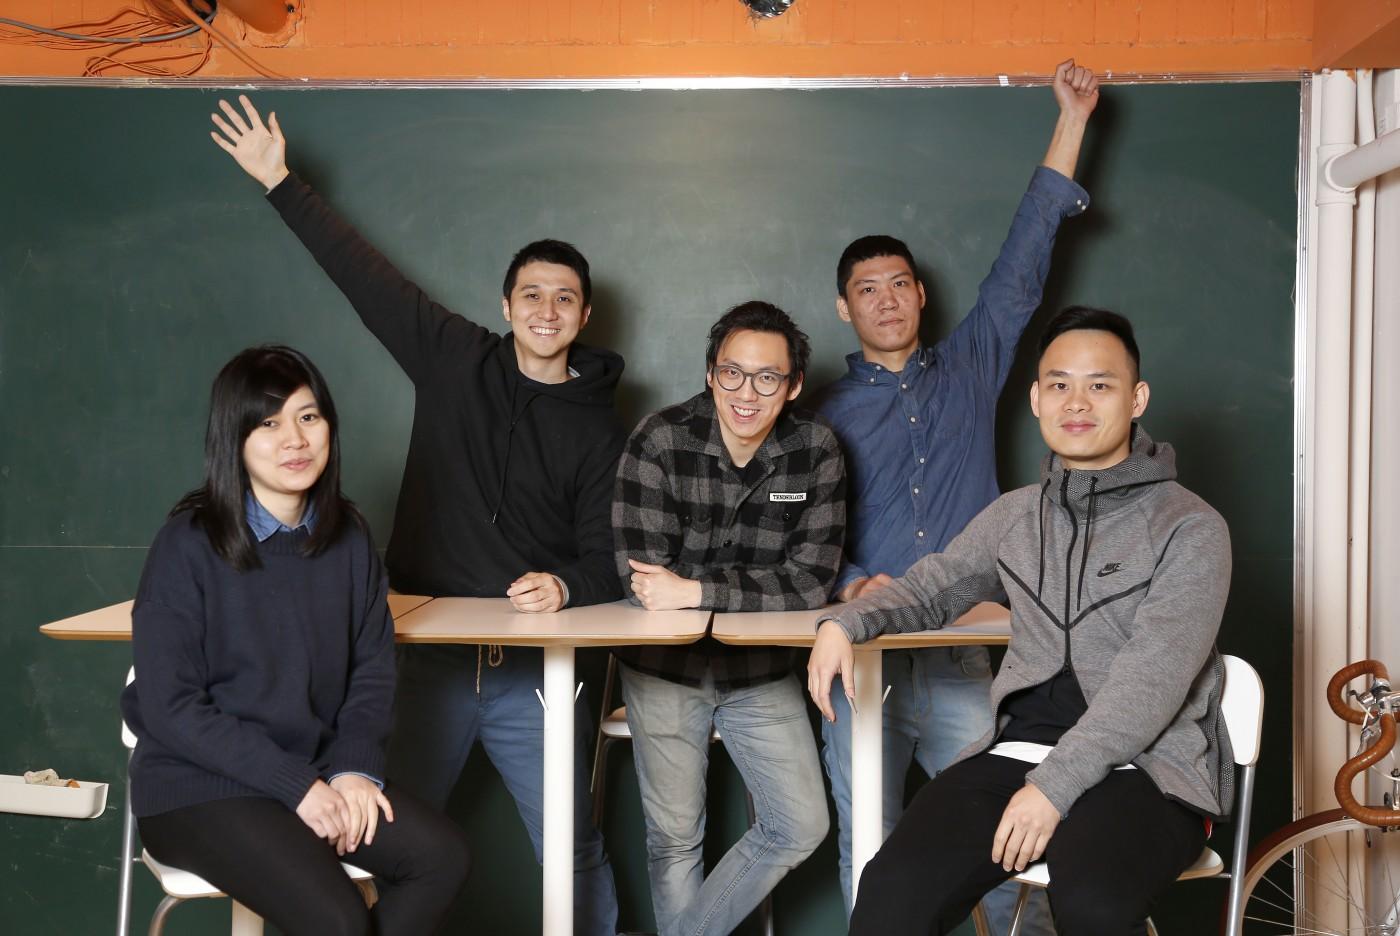 【未來商務】從產品到營運一條龍服務,台灣第一個餐飲創業加速器—Let's Open 開吧